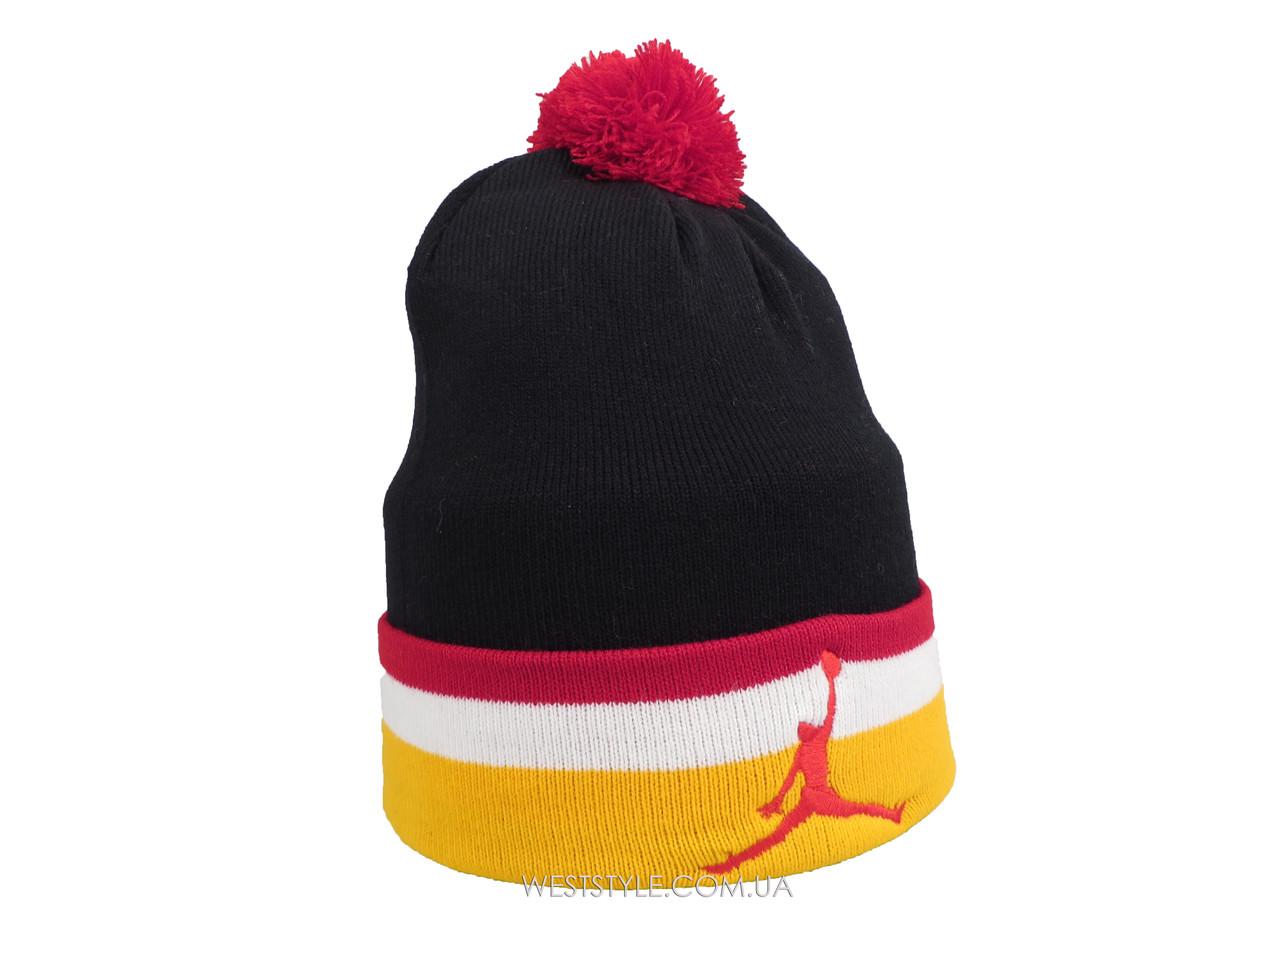 Черная шапка Jordan с бордовым помпоном (реплика)